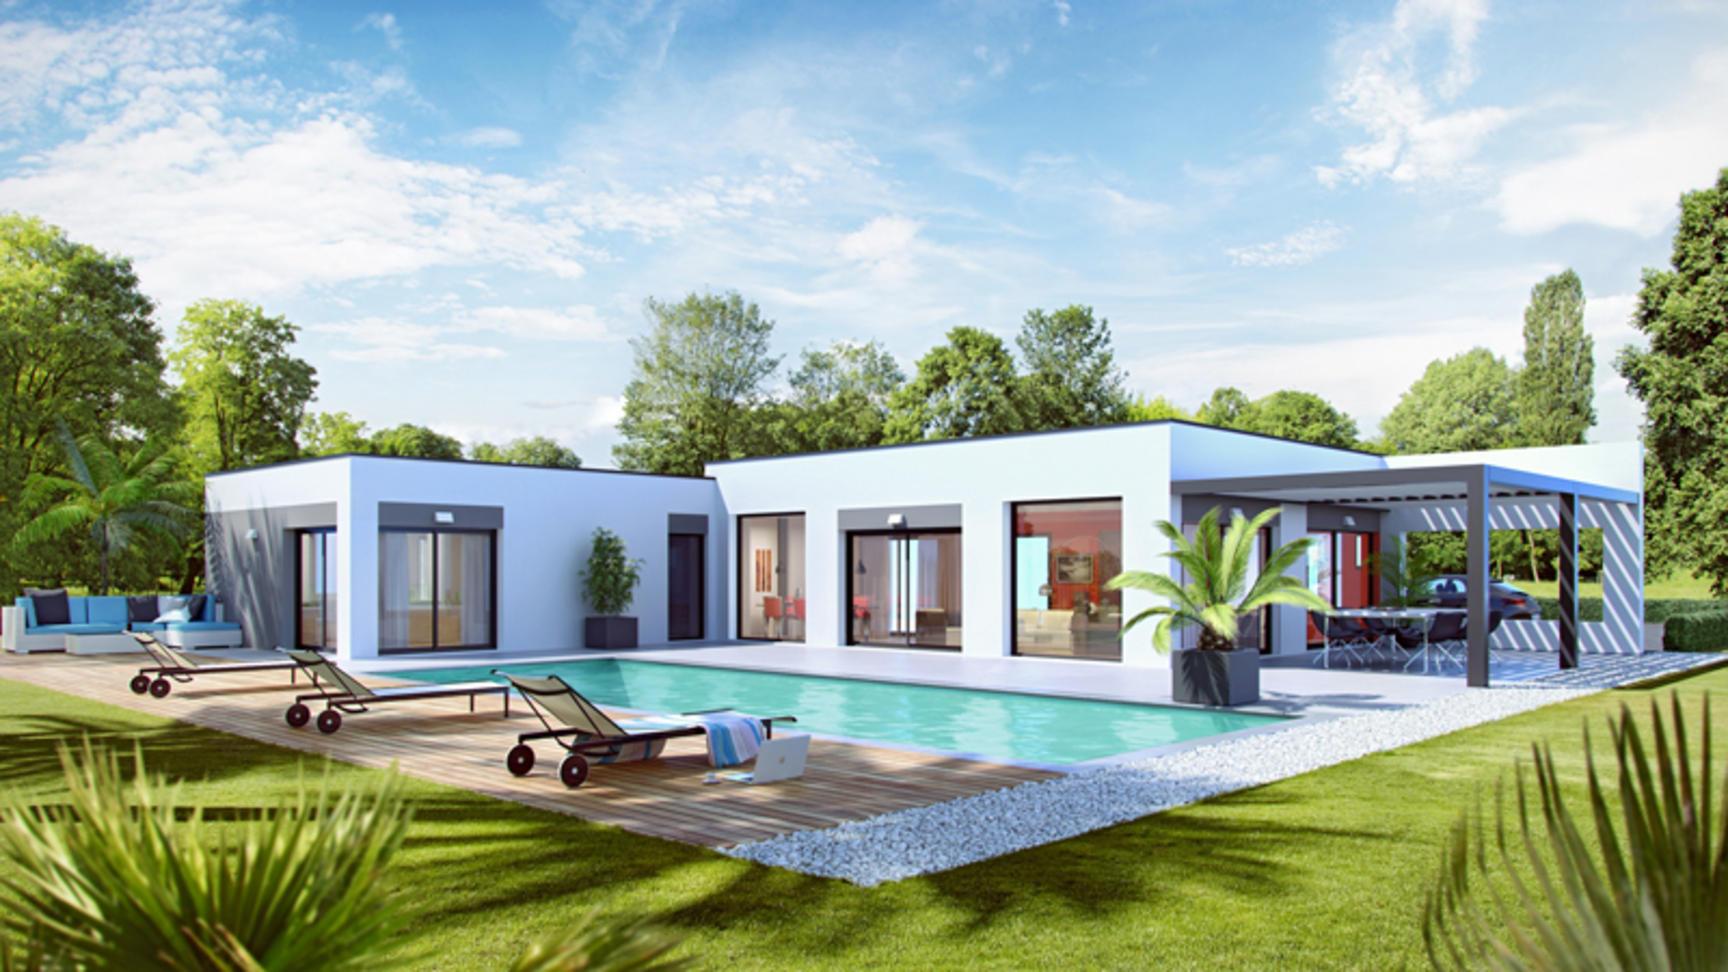 3144 bien 7307 1 - Logiciel conception maison ...